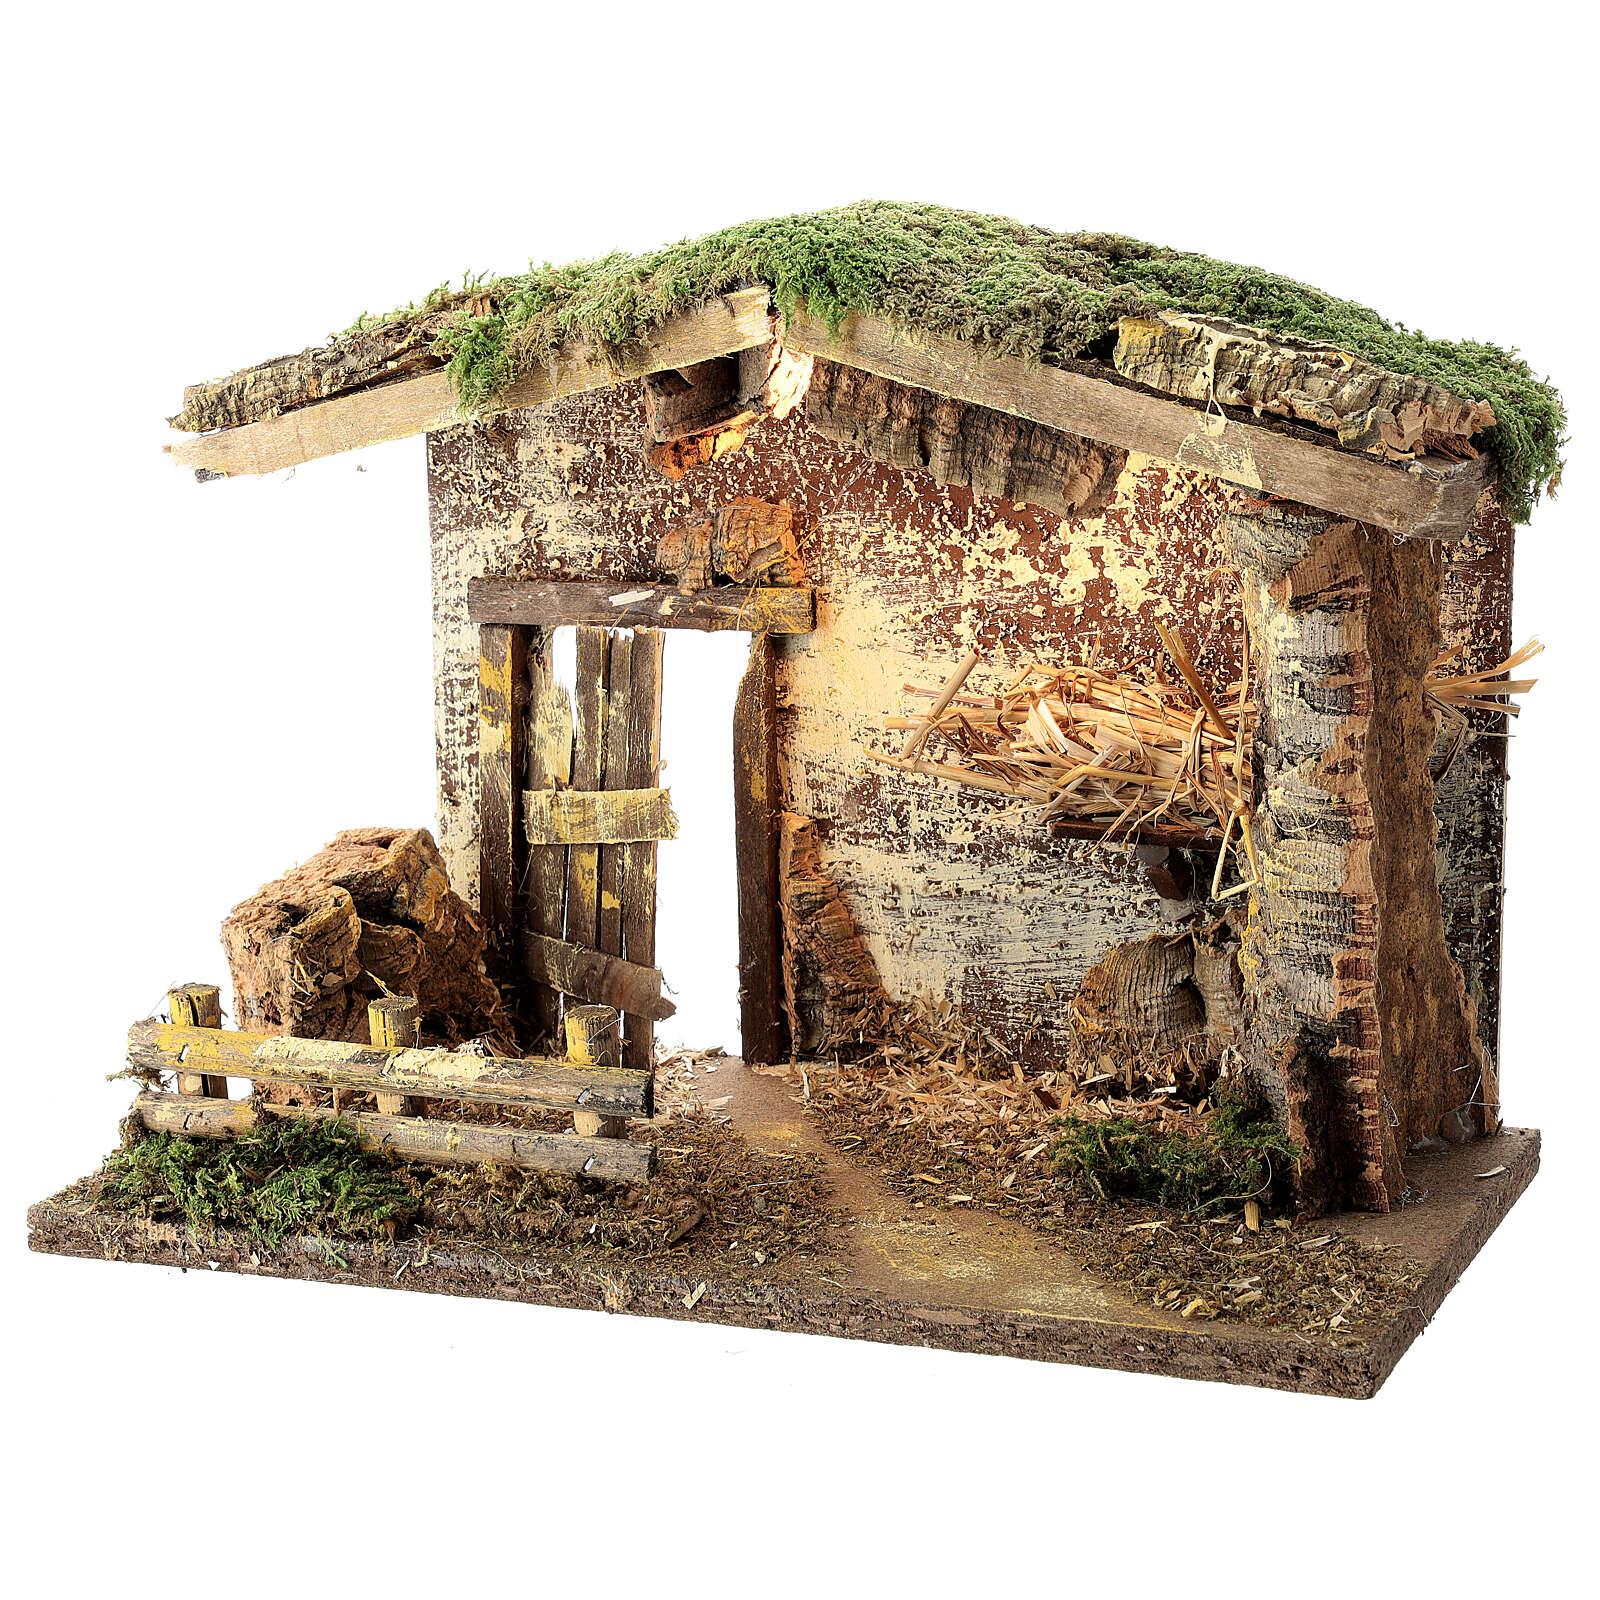 Cabane éclairée Nativité palissade 25x35x20 cm pour crèche 12 cm 4